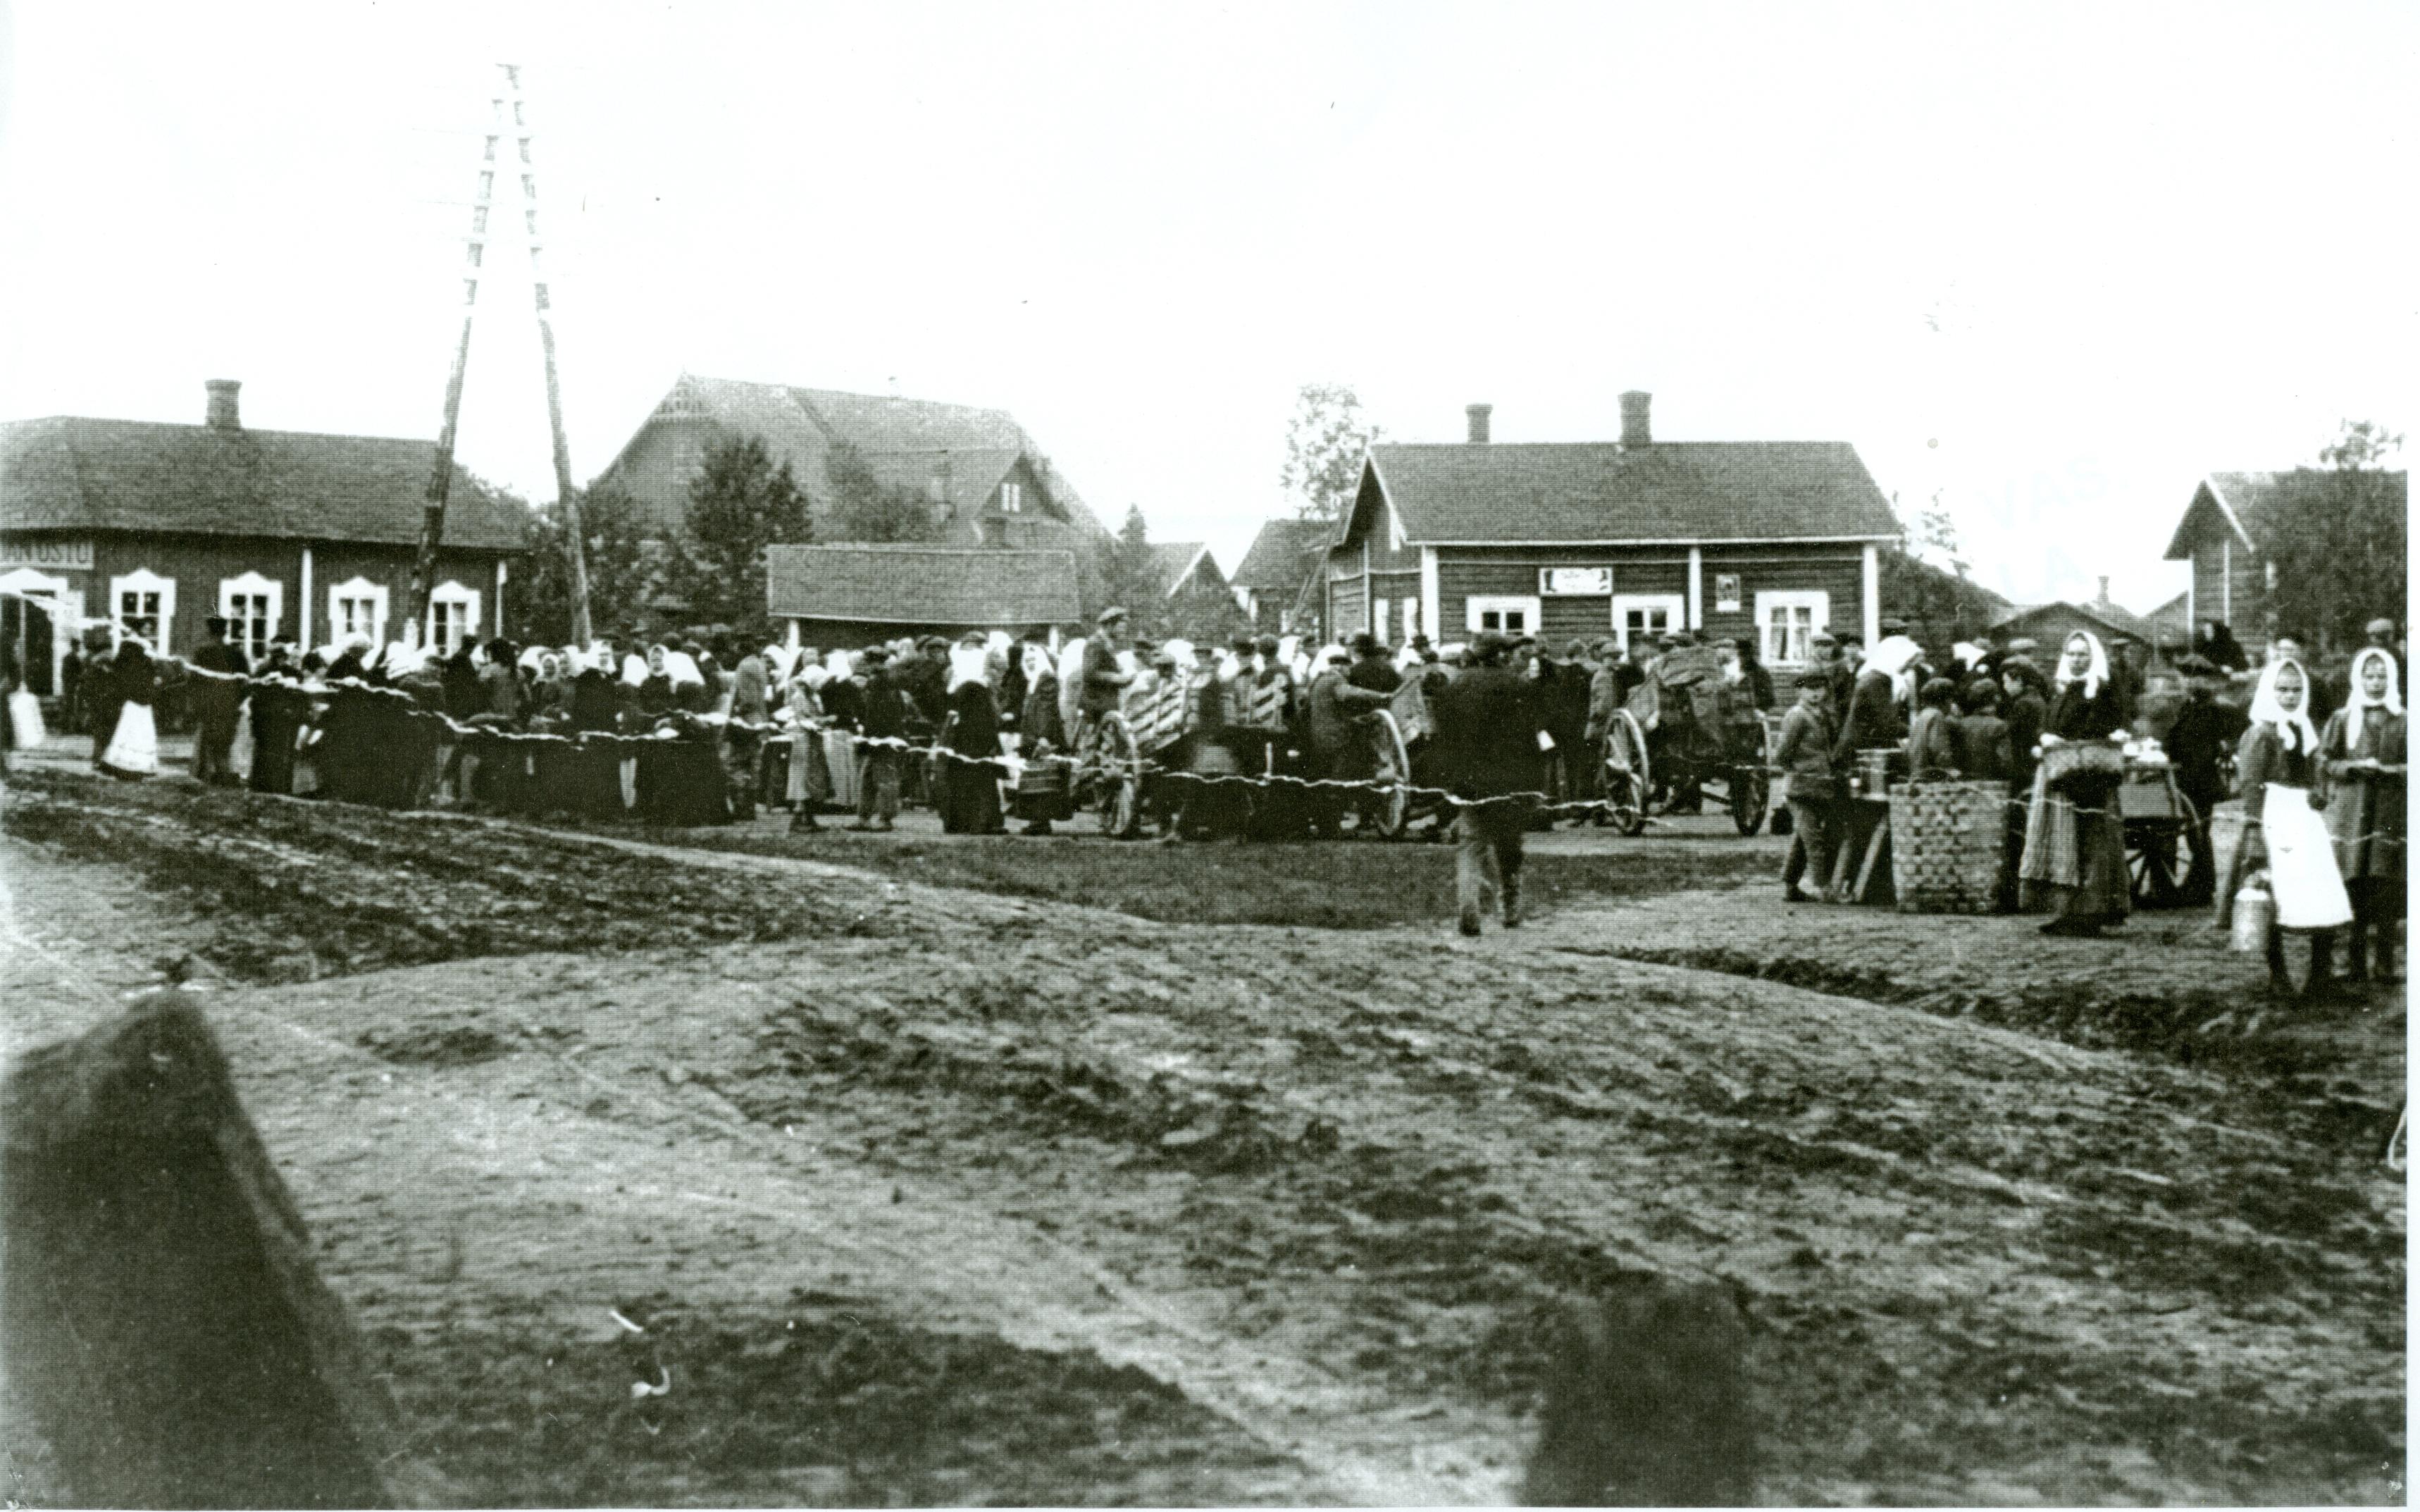 Lauttakylän tori oli tärkeä markkina- ja kokoontumispaikka 1900-luvun alussa. Torilla järjestettiin myös poliittisia mielenosoituksia. (Huittisten museo)